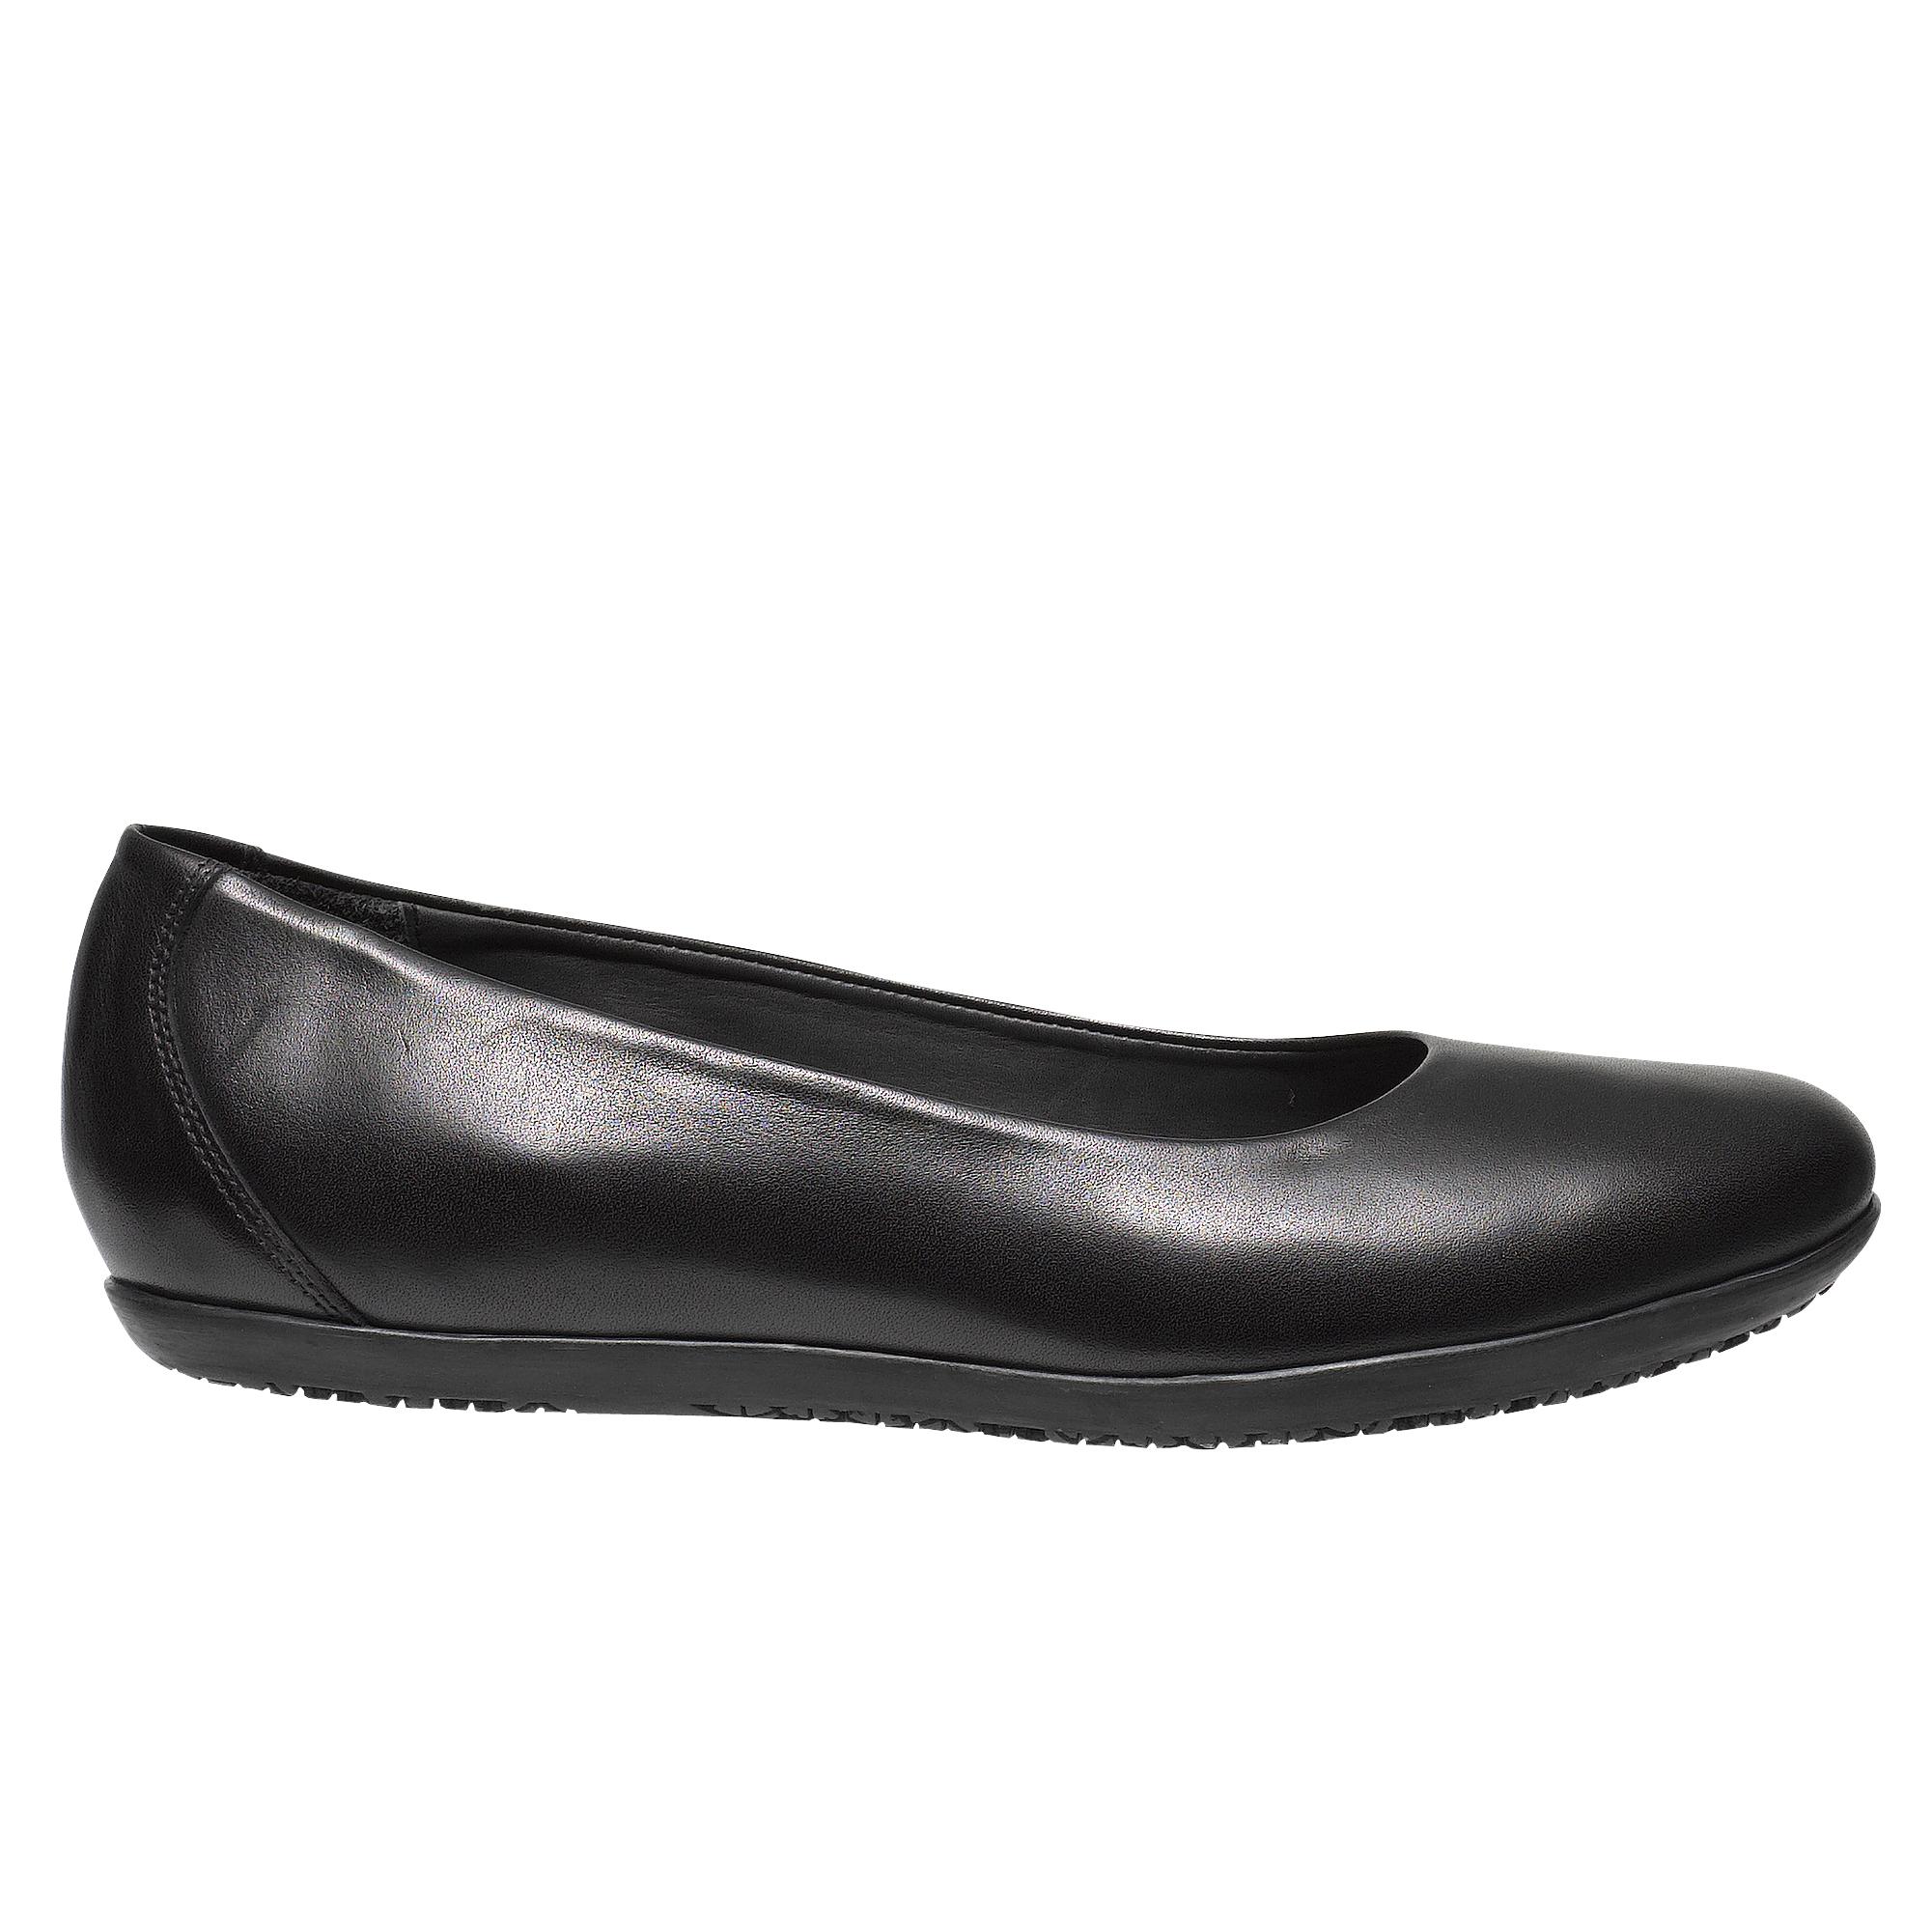 chaussure de travail femme vanny obchaussure de travail femme vanny ob propuls par e majine. Black Bedroom Furniture Sets. Home Design Ideas